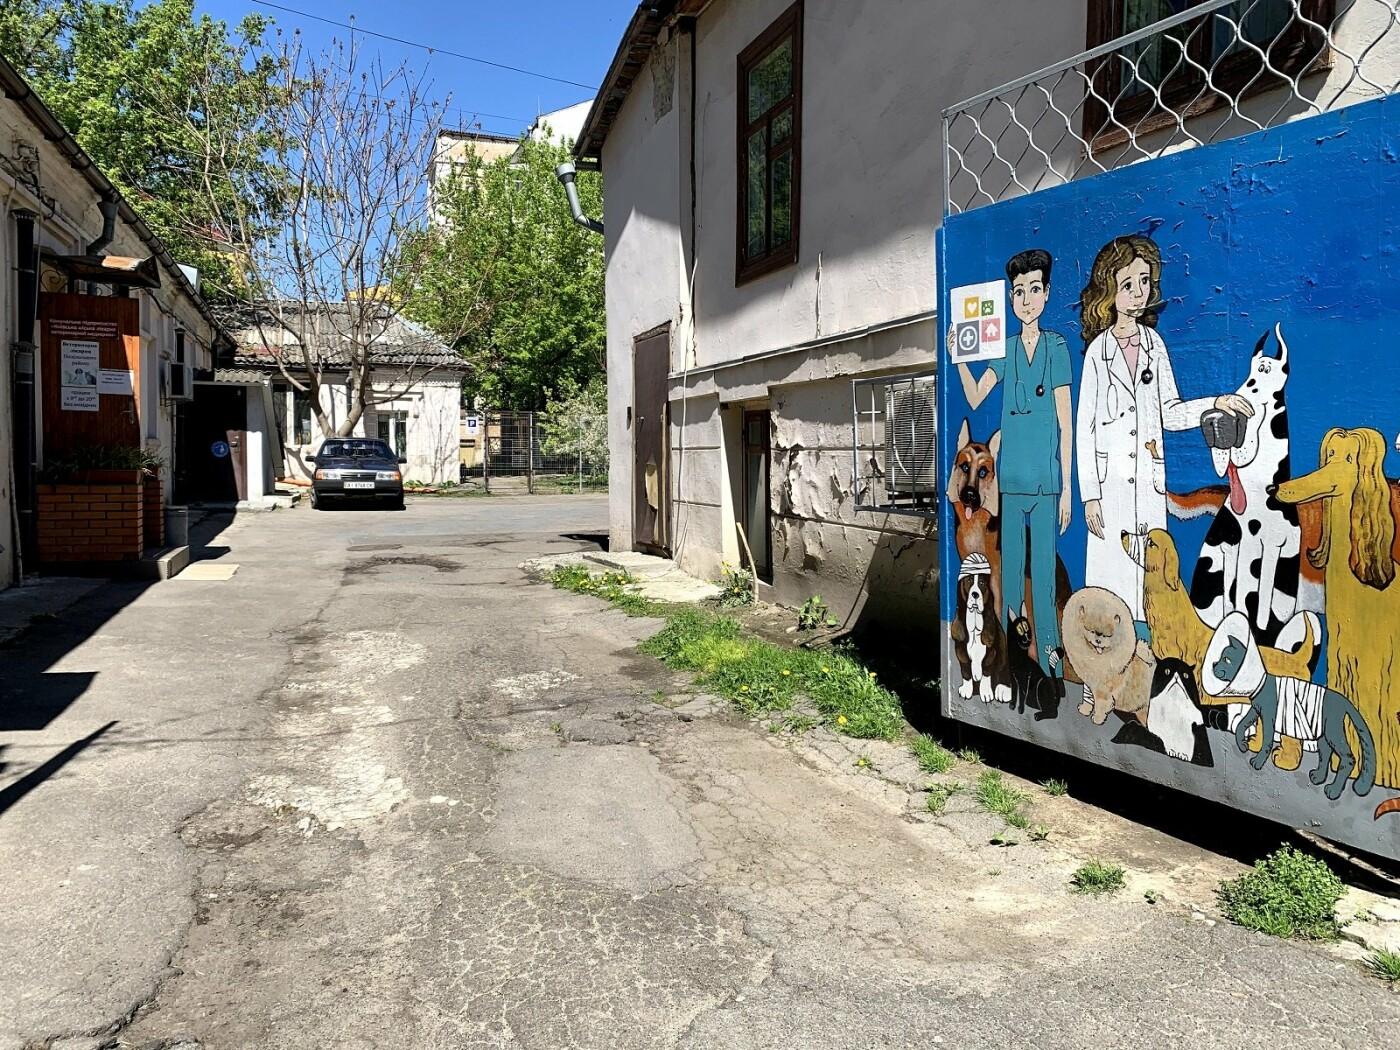 Ветеринарная клиника Киев: куда отвезти питомца, - АДРЕСА, ОТЗЫВЫ, Фото: Lera Kaminska